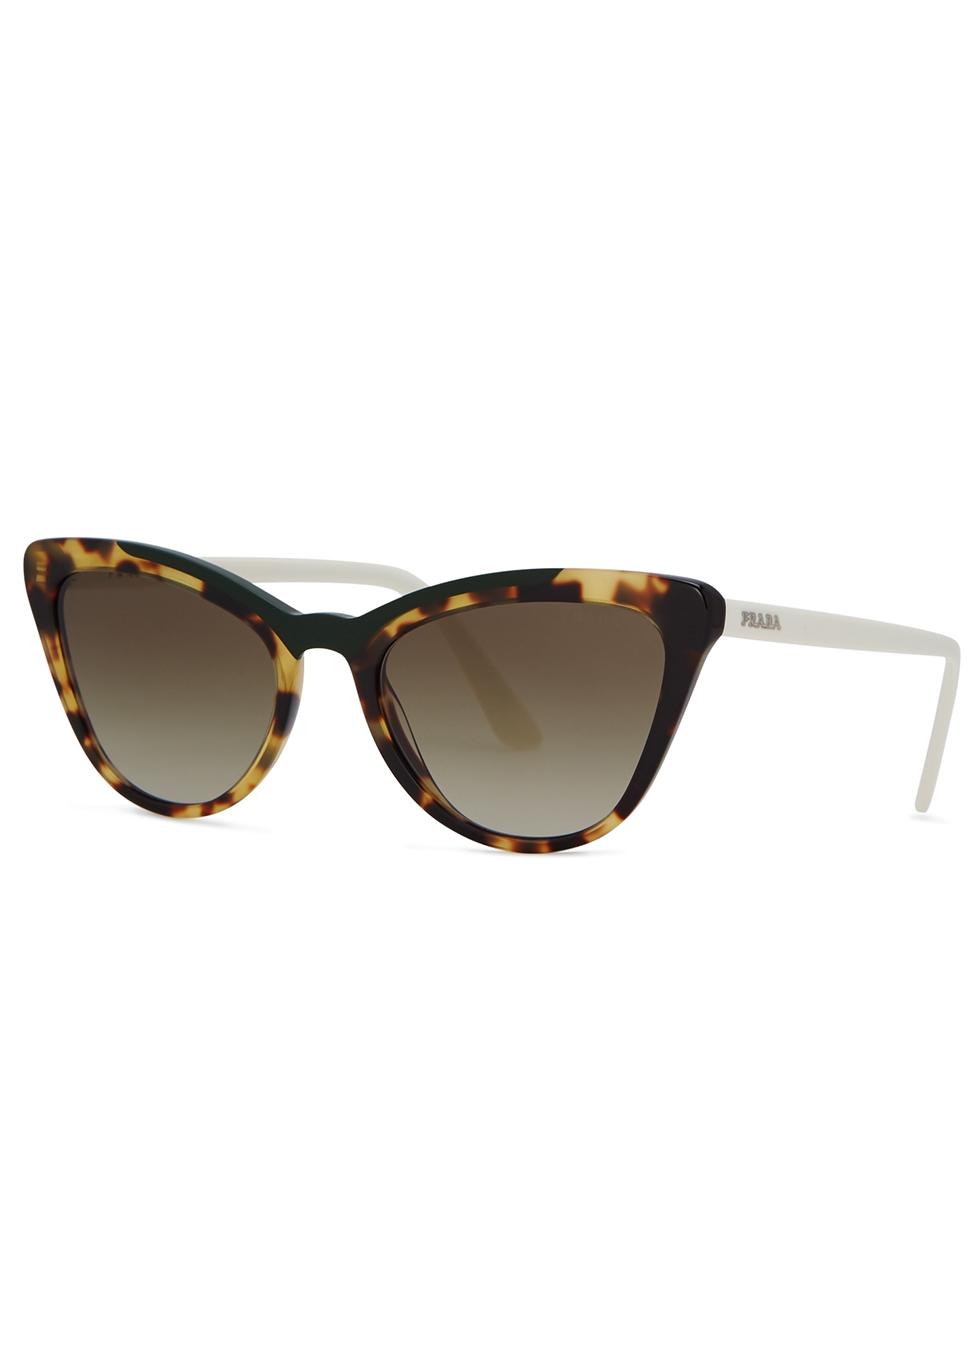 04167652de ... new arrivals tortoiseshell cat eye sunglasses prada 3e216 ab09f ...